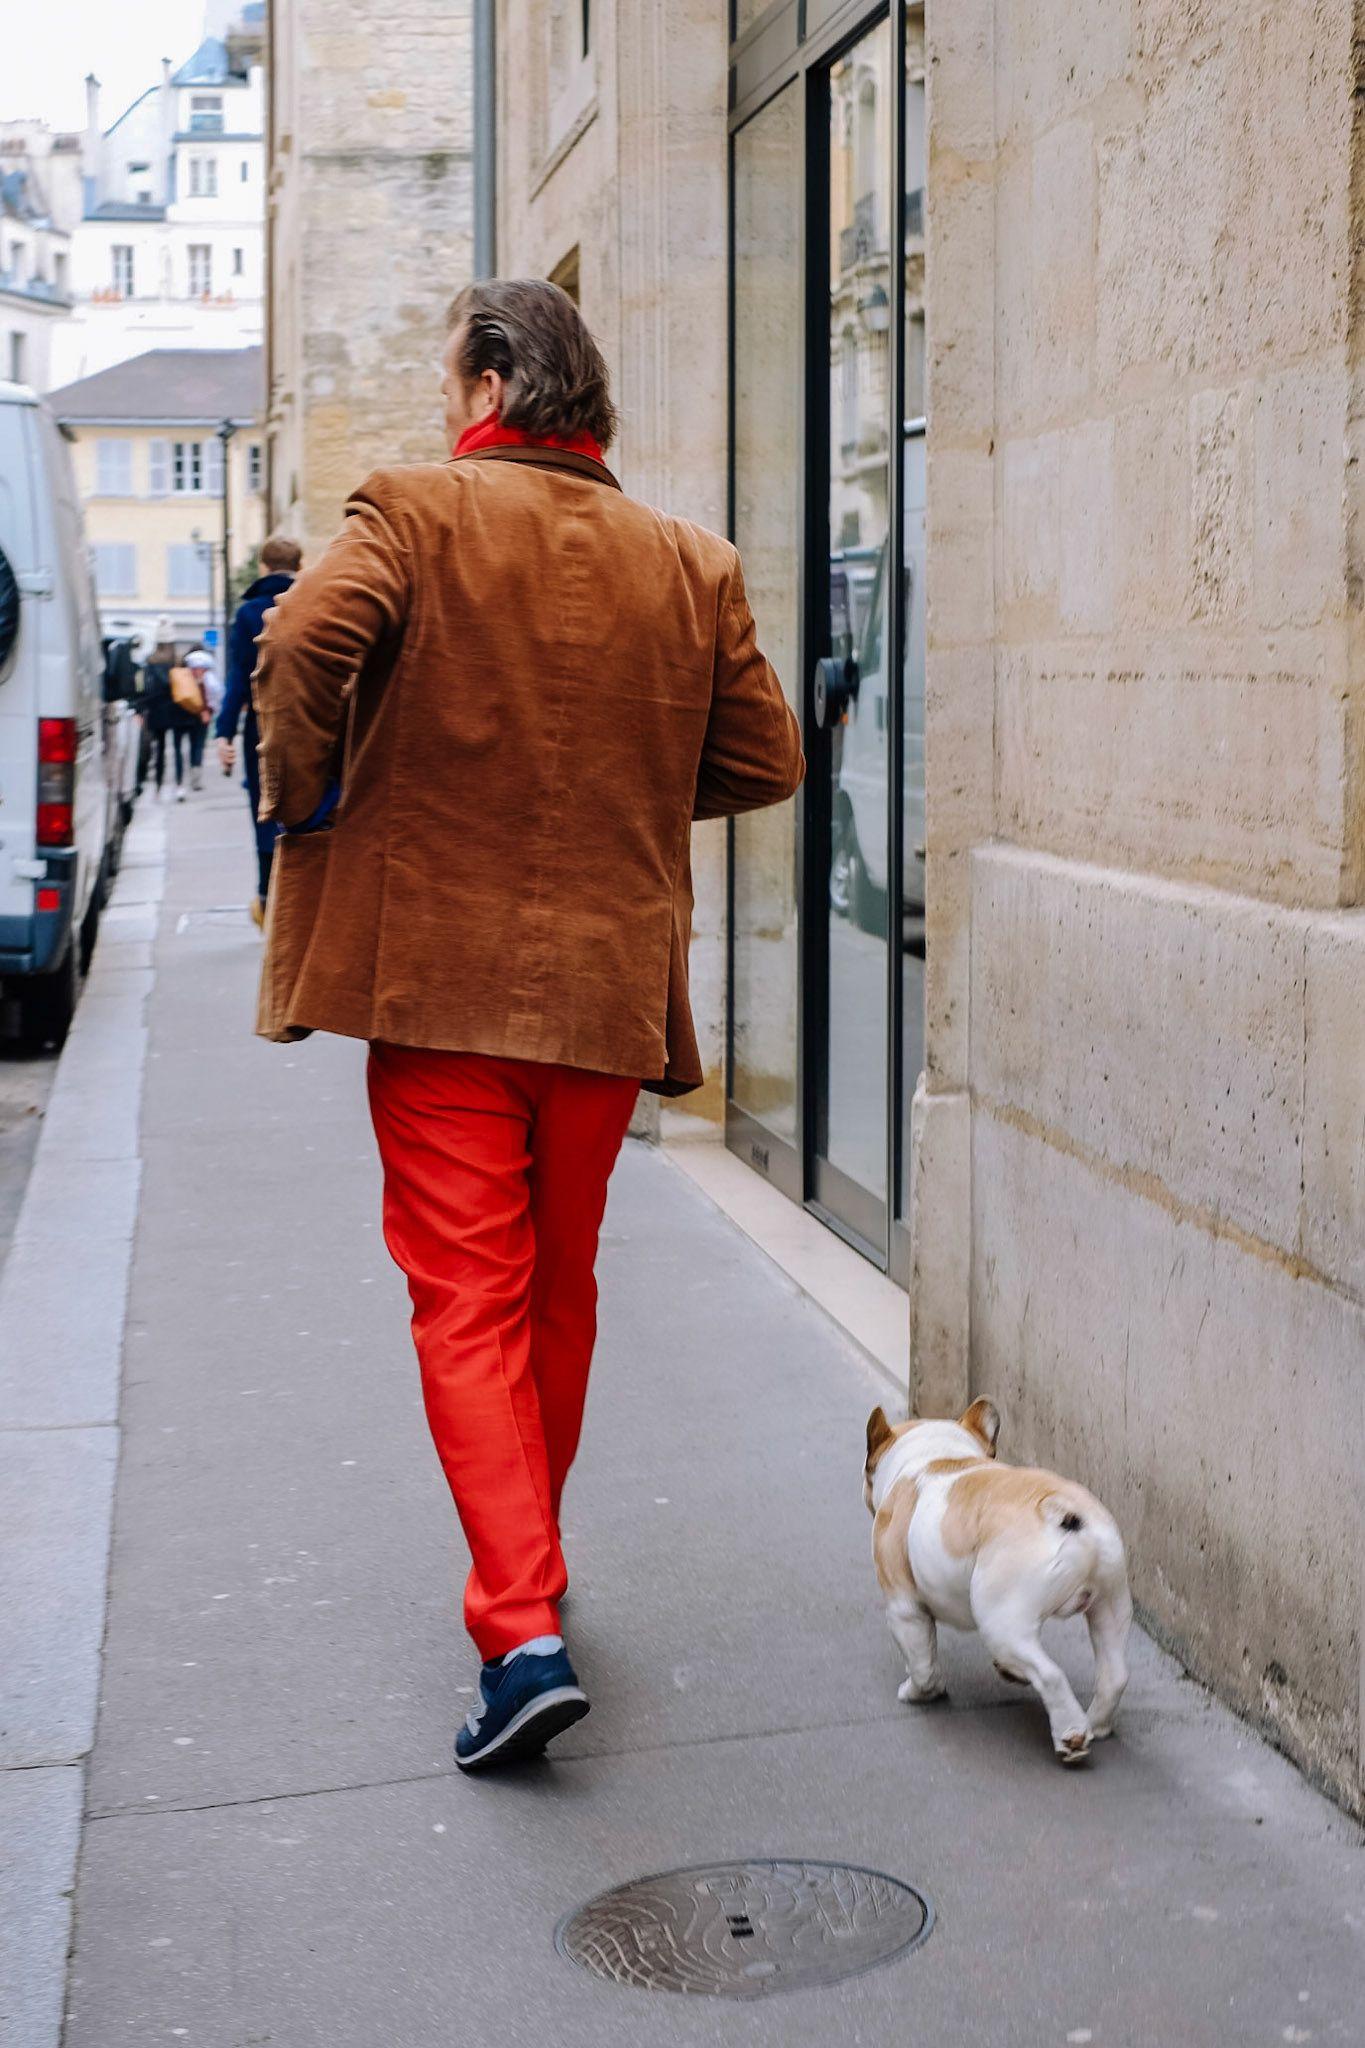 Parisian French bulldog and owner